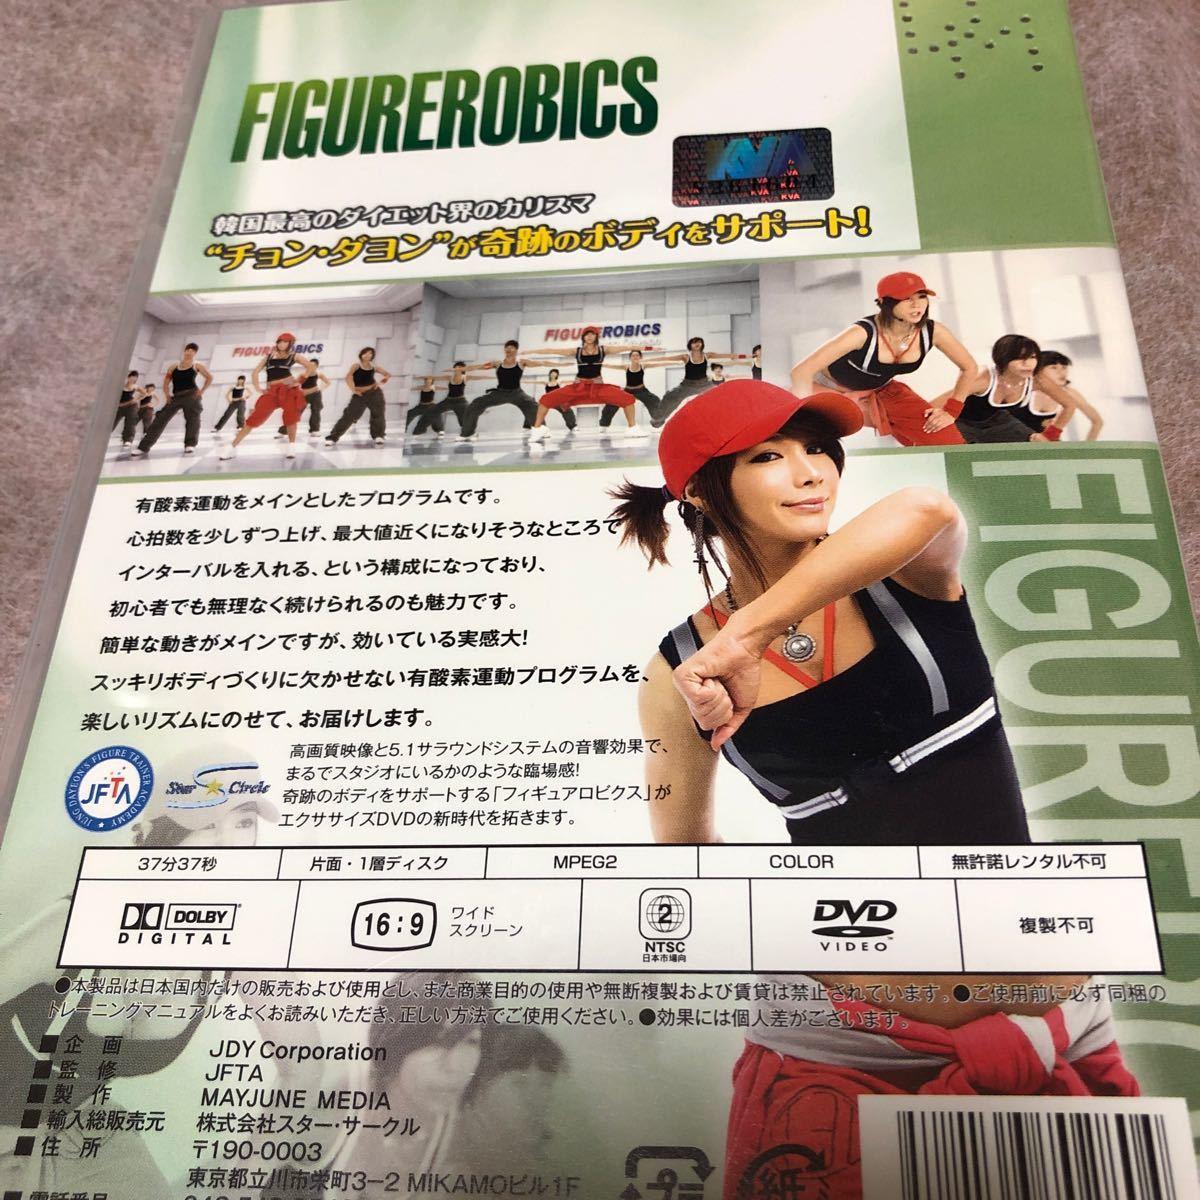 DVD 4枚セット